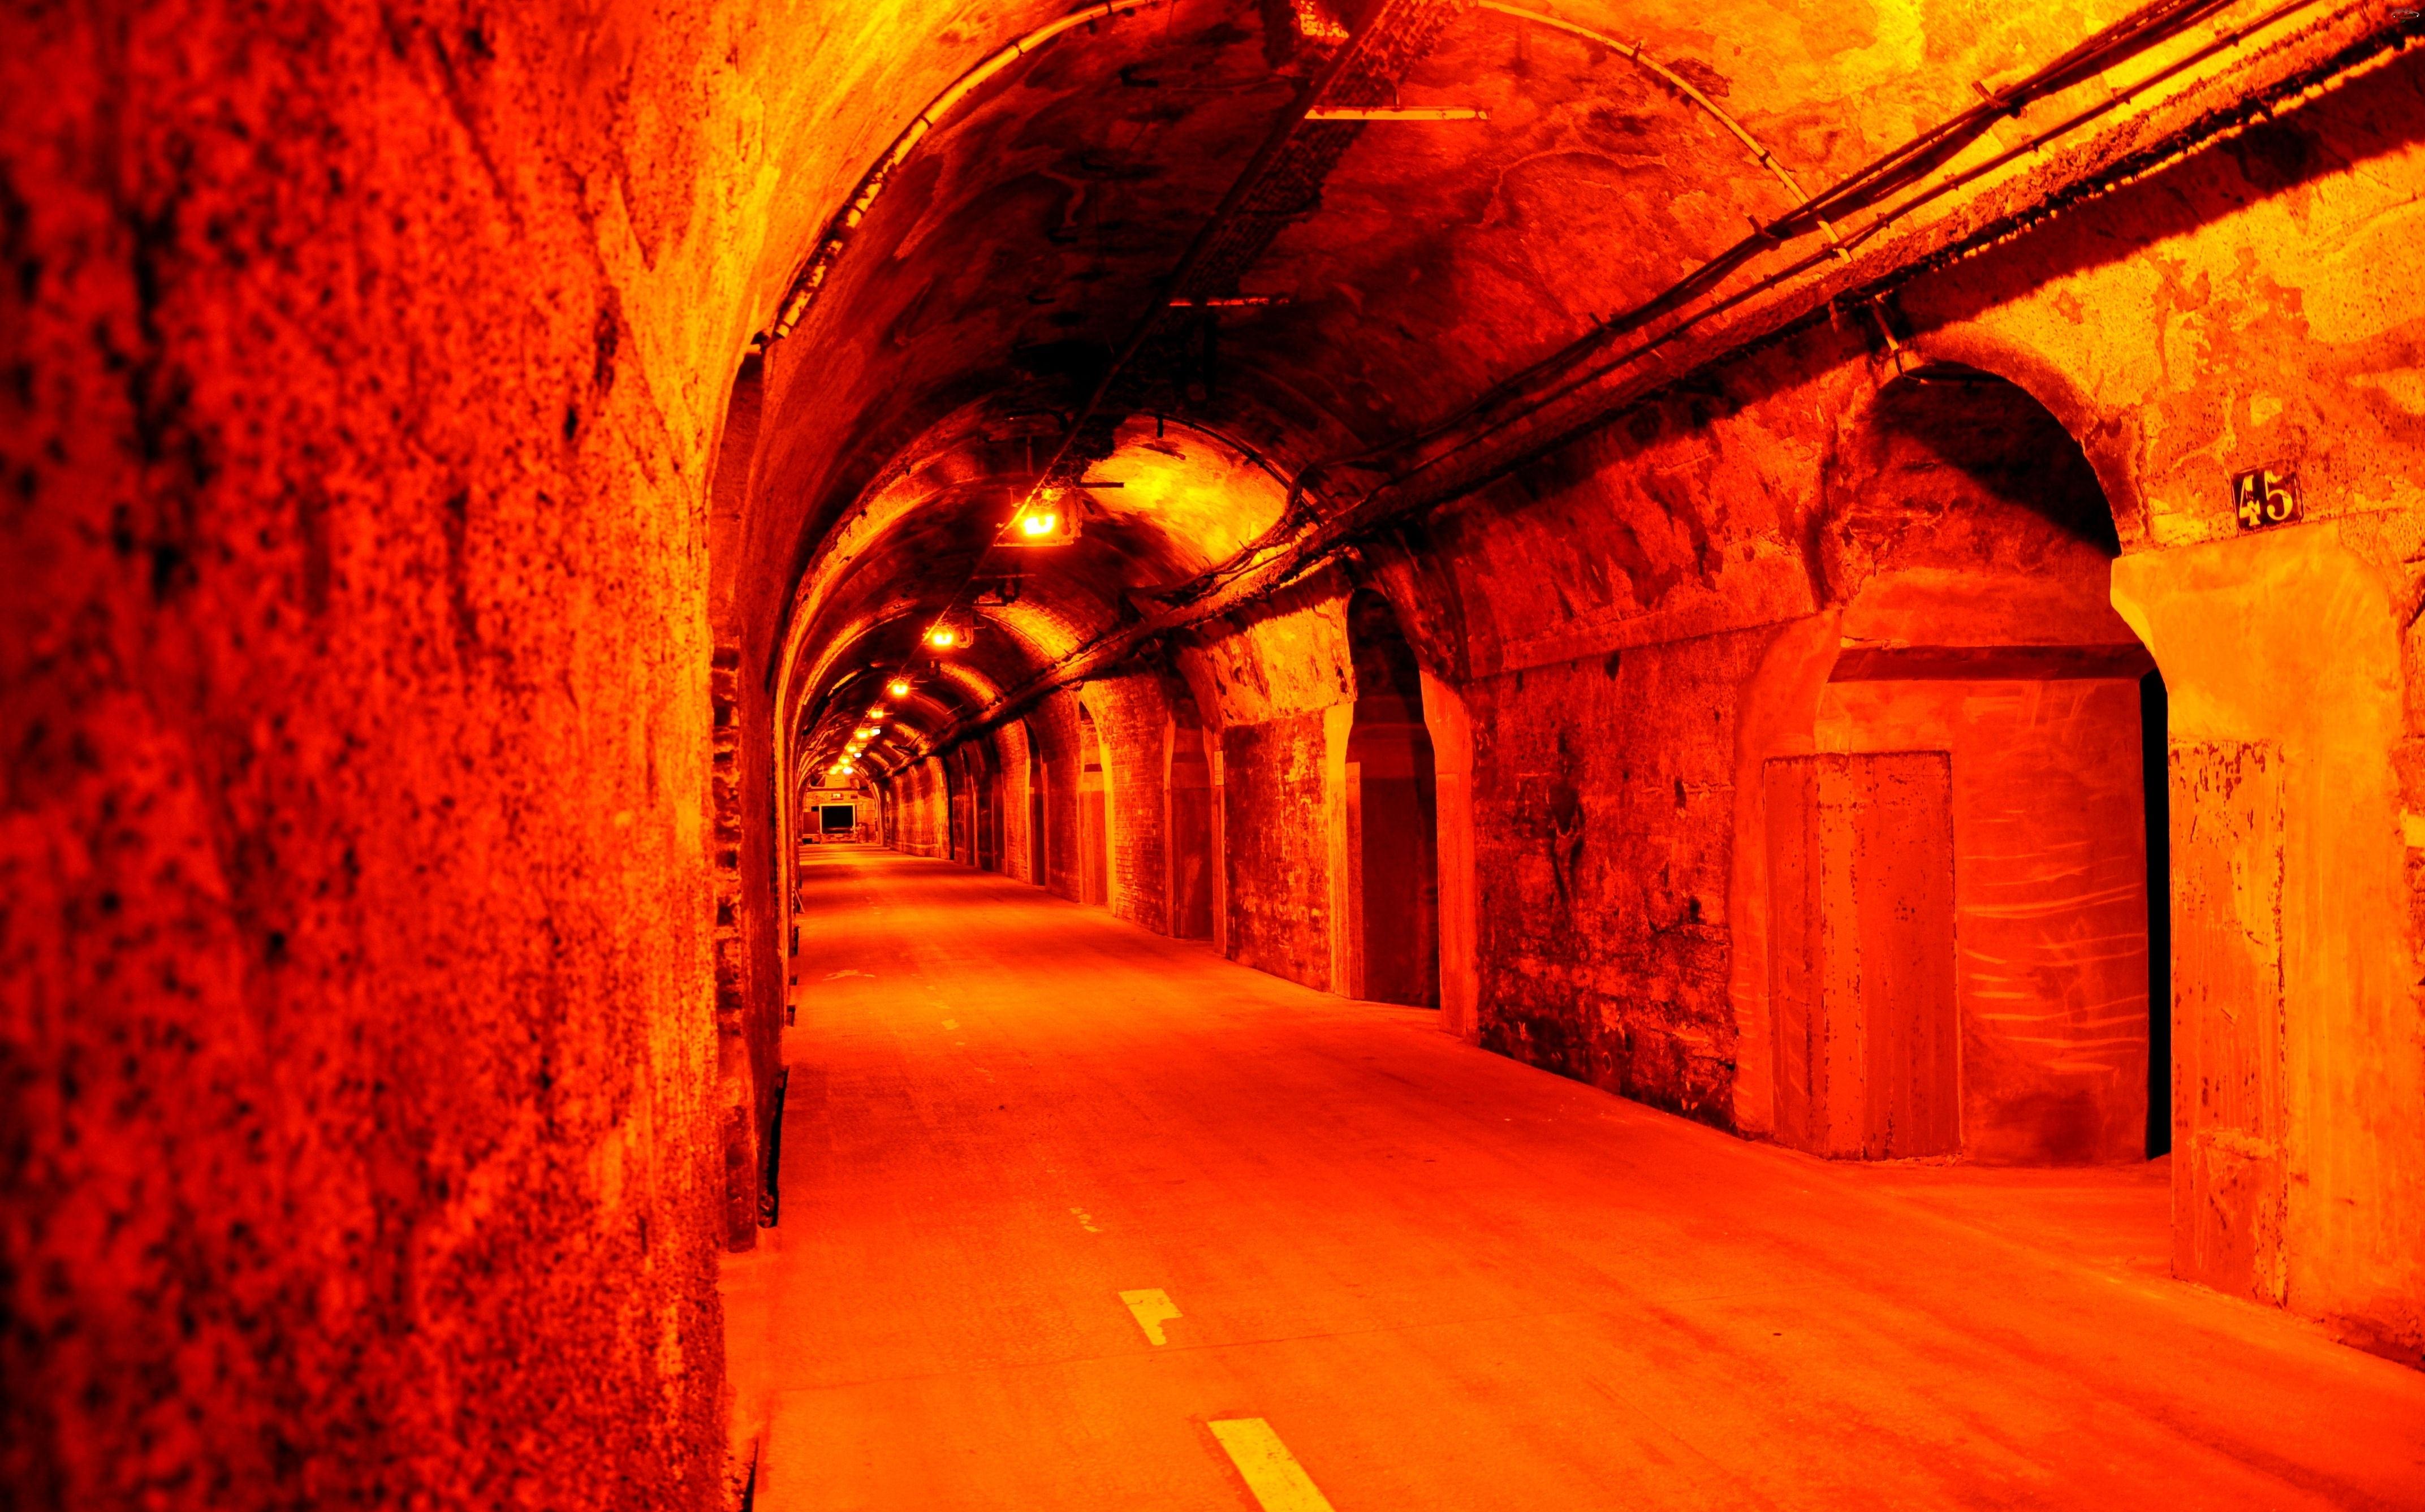 Droga, Oświetlony, Tunel